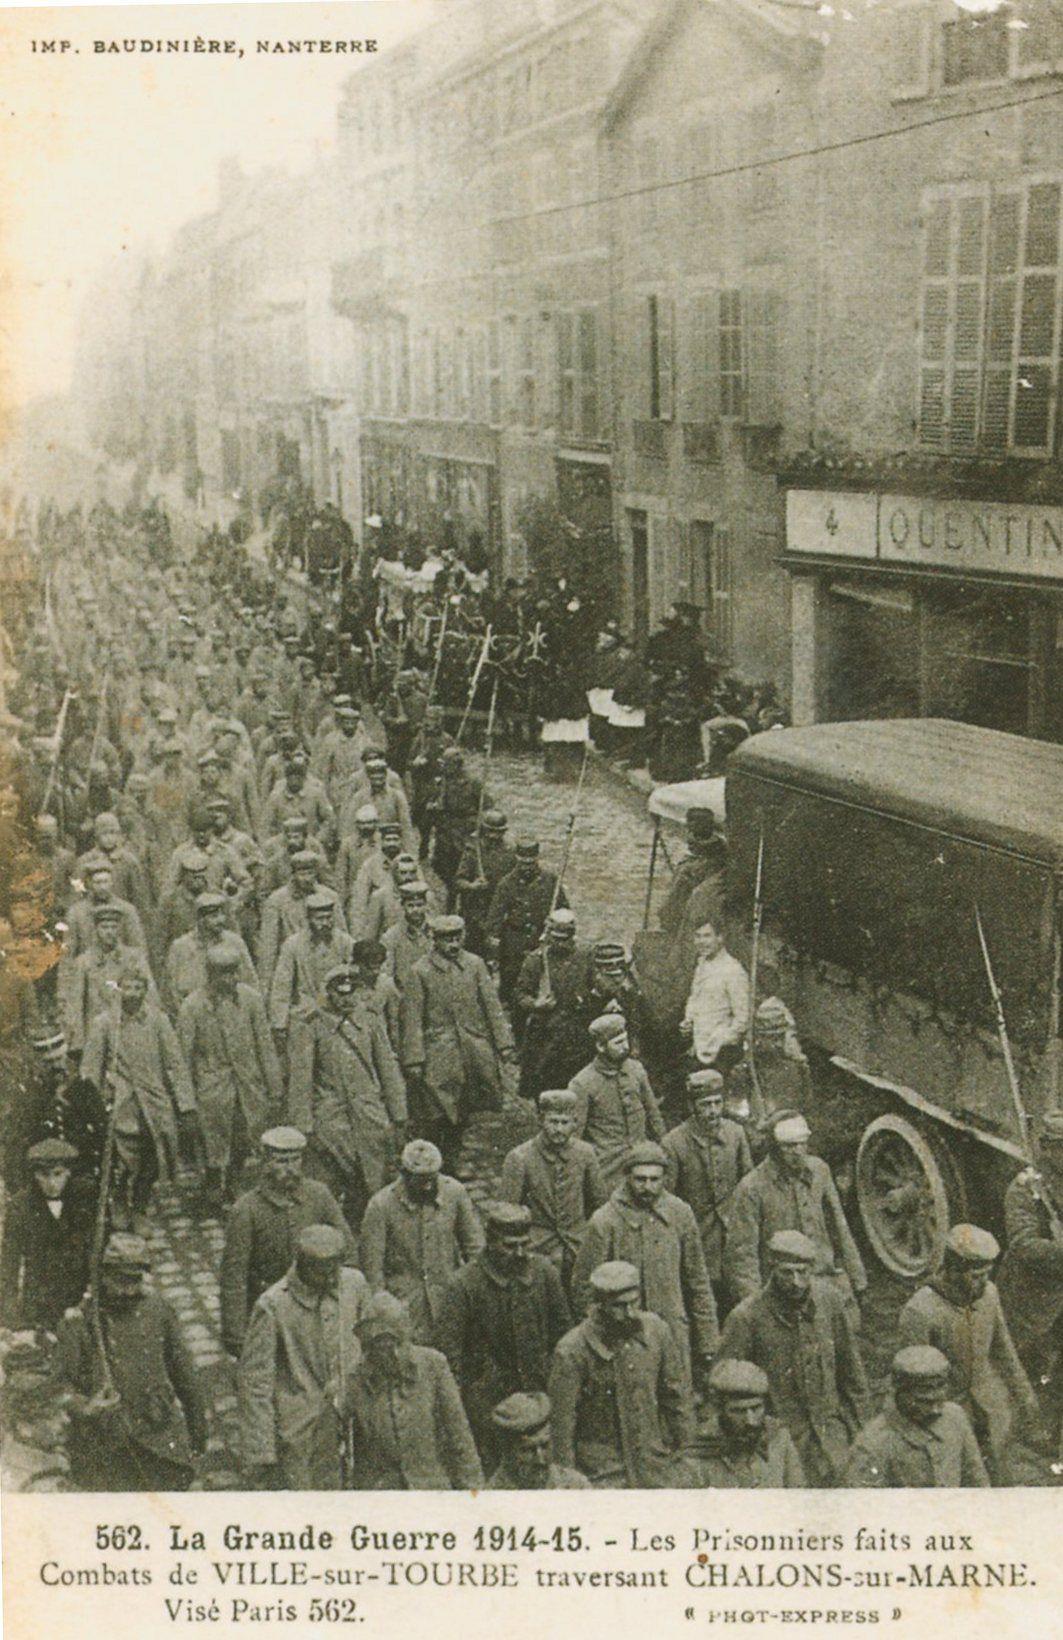 Clio Team Carte Postale Postcard 1914-1918 1915 Prisonniers faits aux combats de Ville-sur-Tourbe